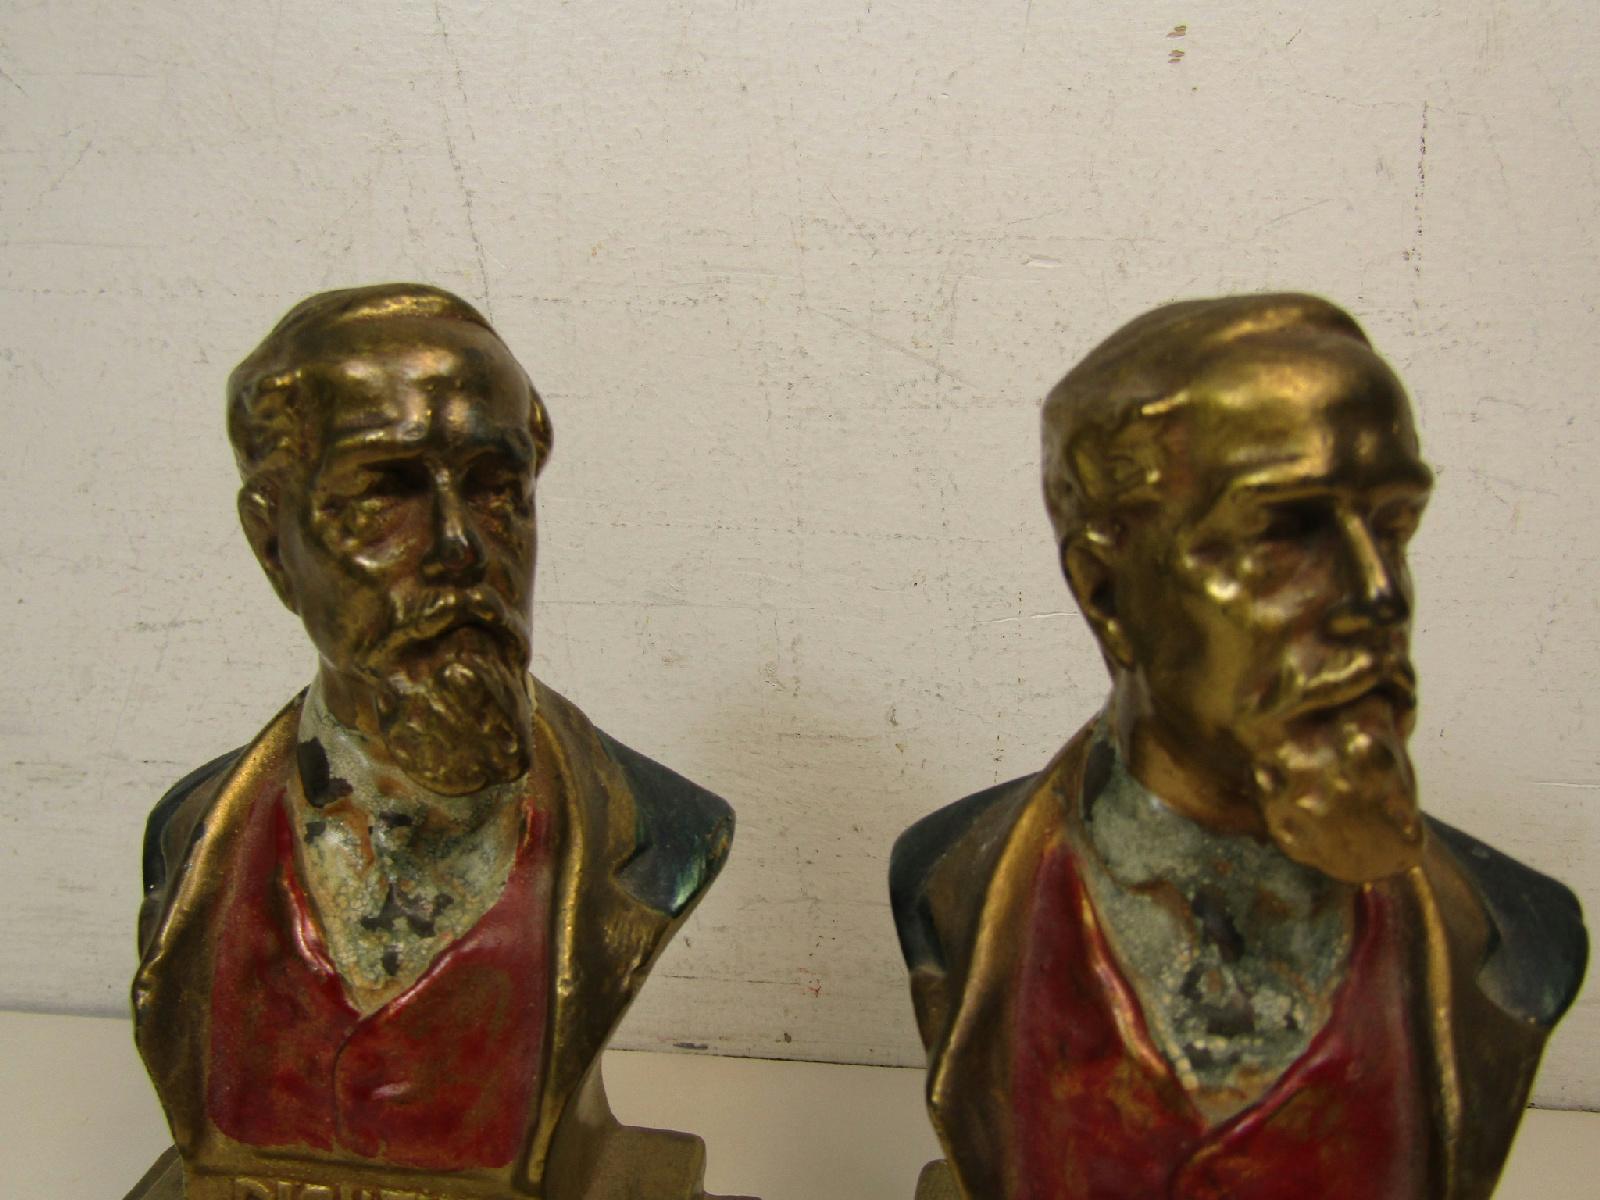 Pair of armor bronze co master craftsmen charles dickens bookends book ends - Armor bronze bookends ...